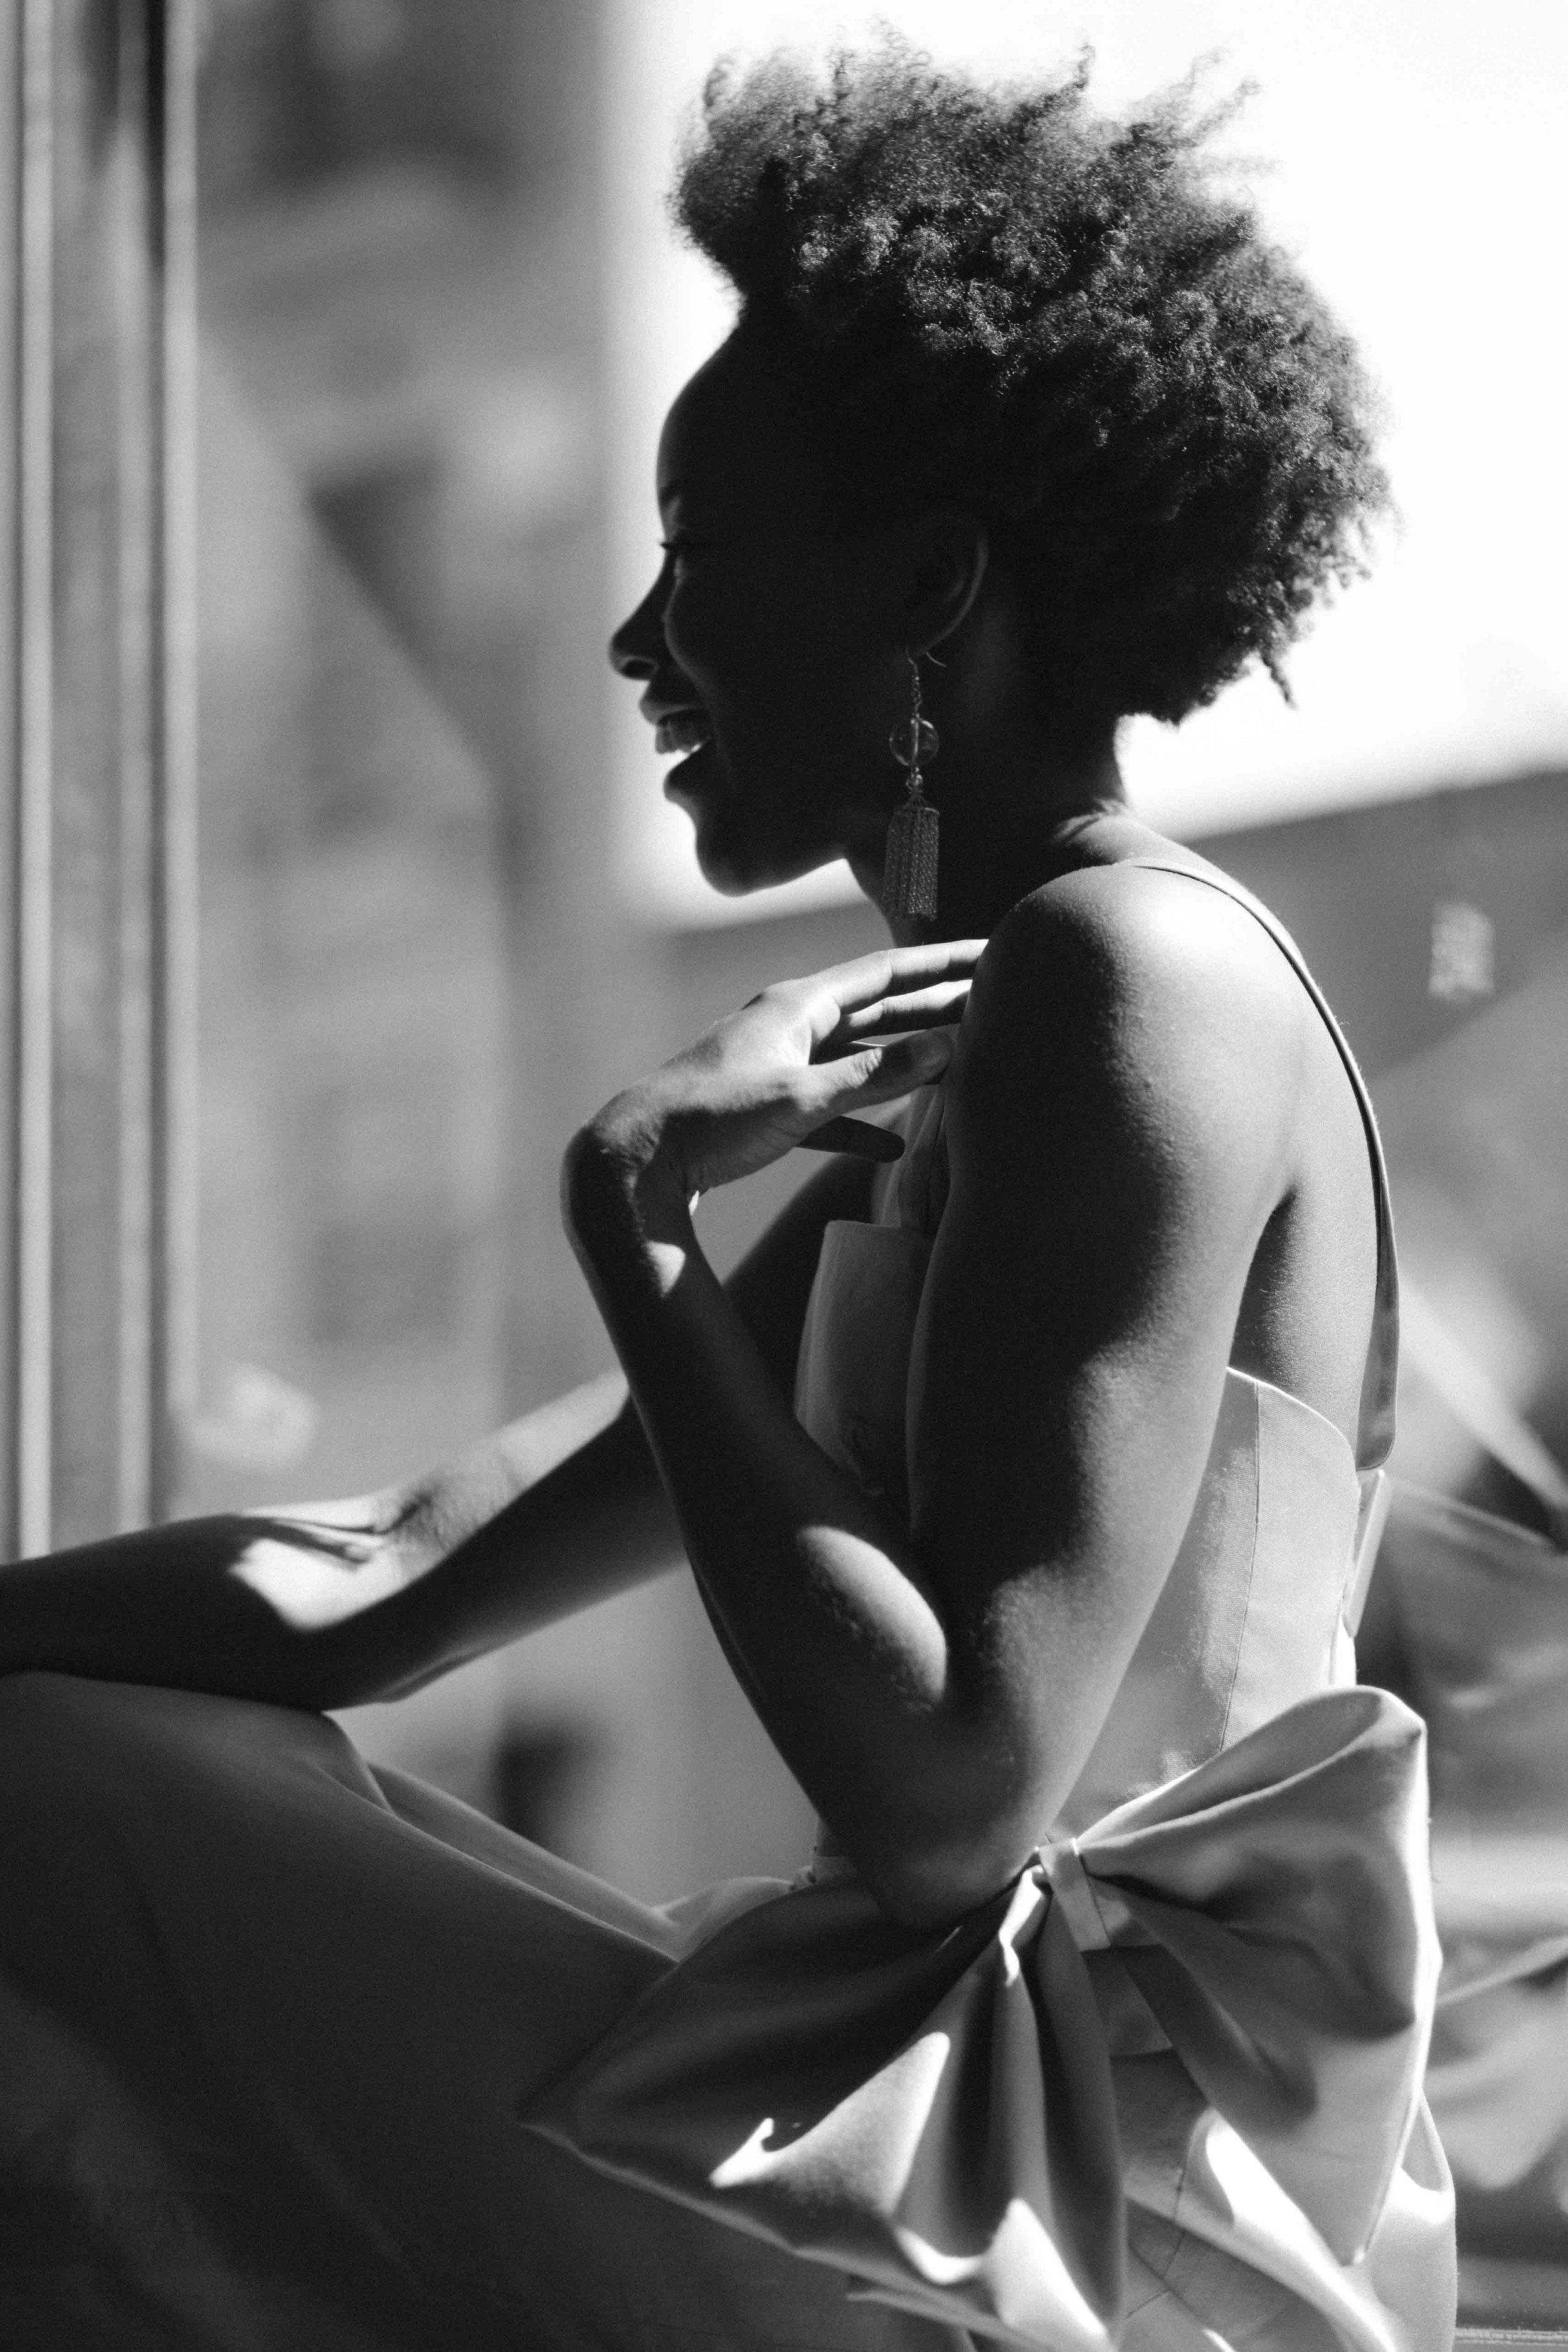 04162019-Diana Dean-Eryc Perez de Tagle Photography-4.jpg